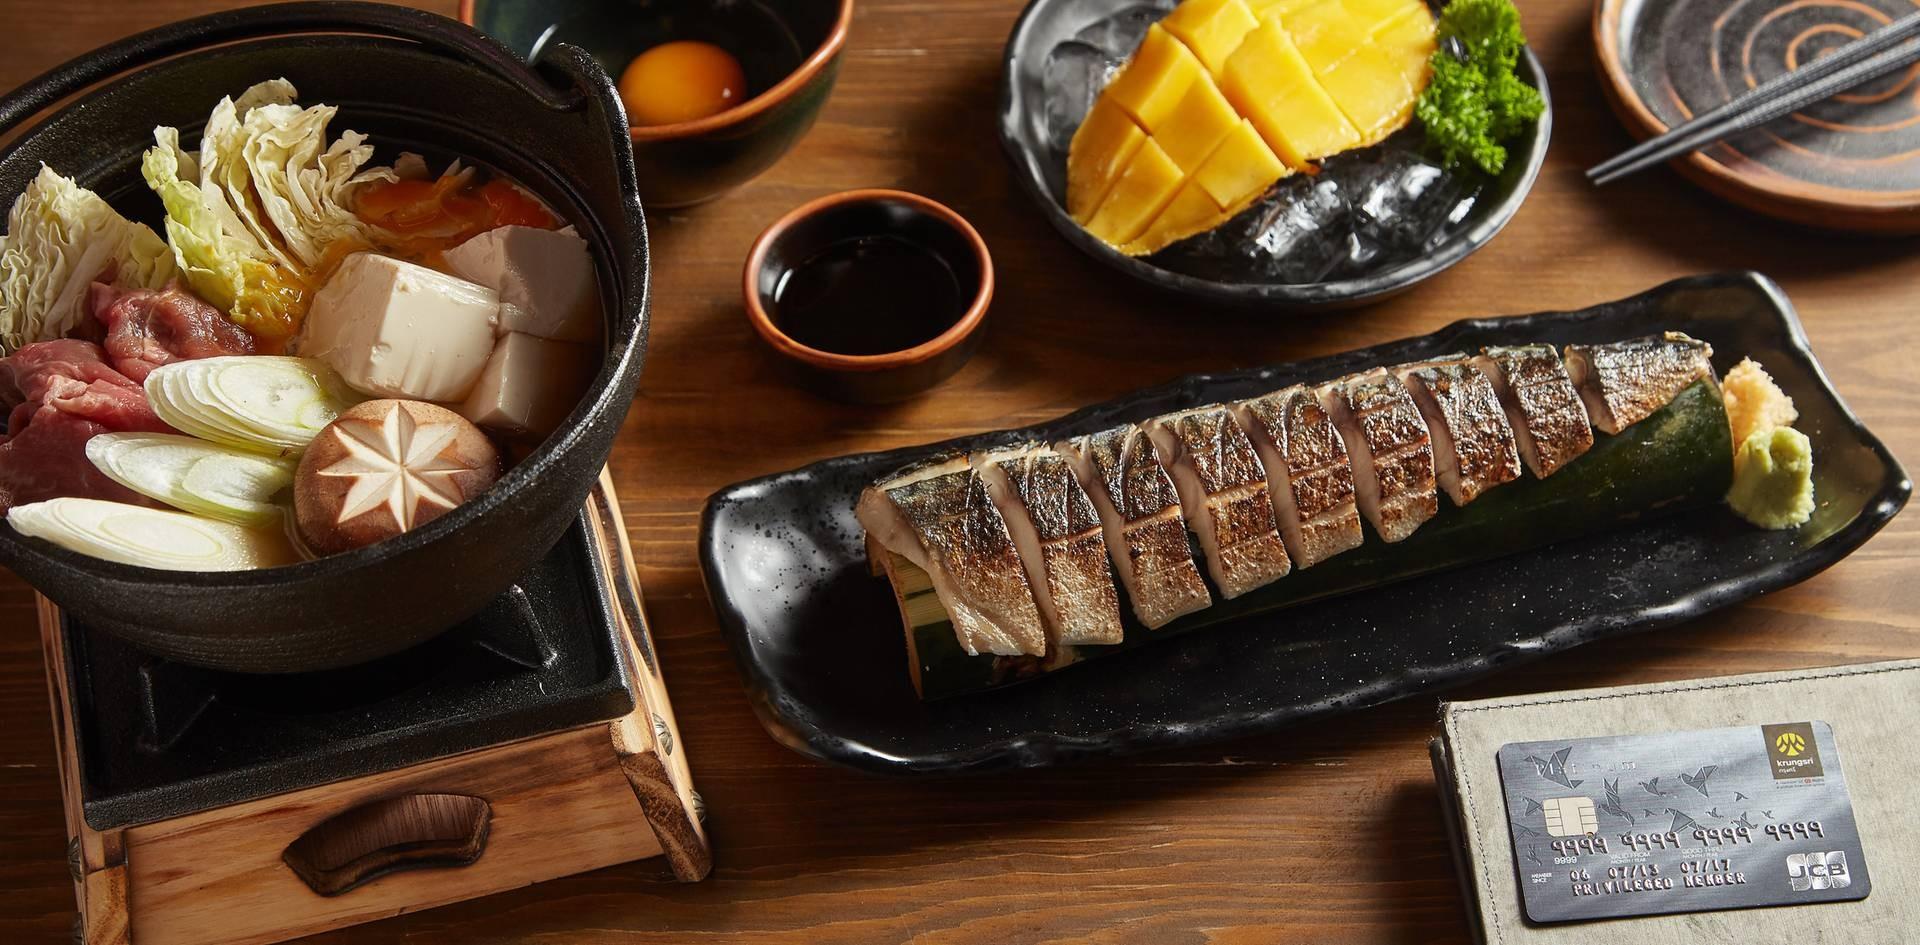 1. สุกี้เนื้อหม้อไฟญี่ปุ่น 2. Aburi Chimosaba 3. Aburi Mango